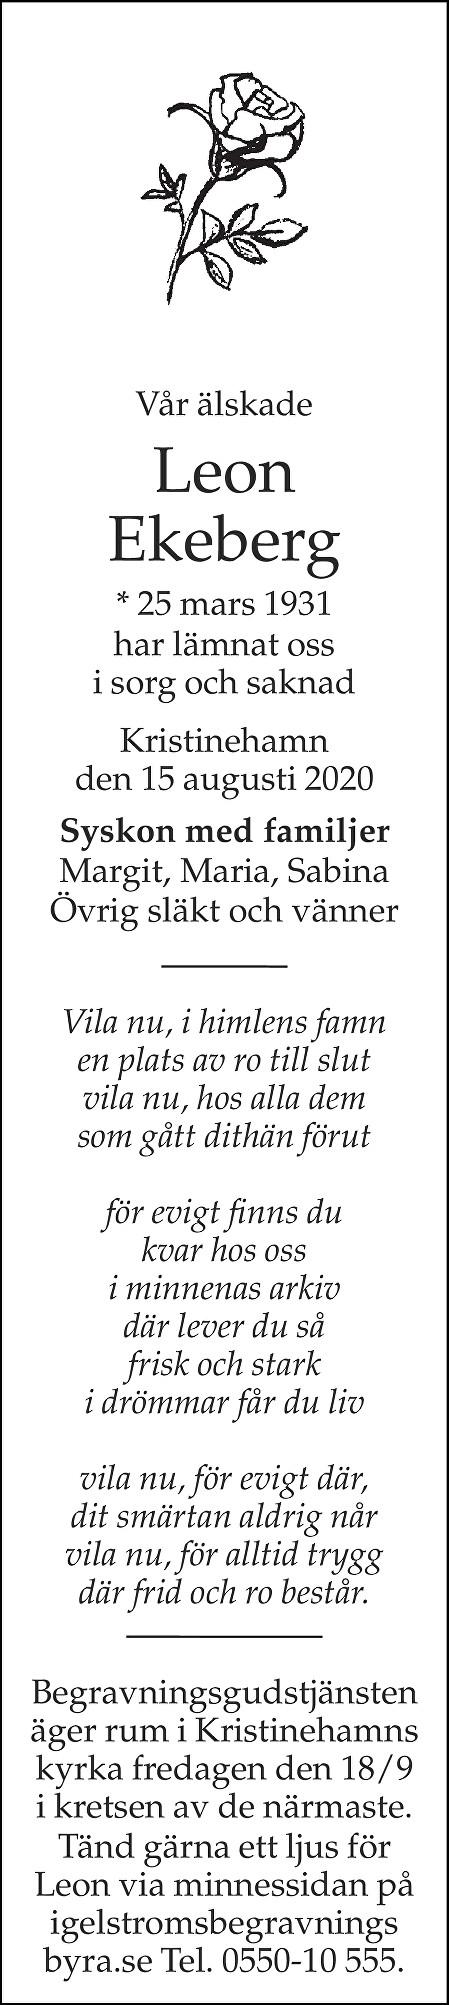 Leon Ekeberg Death notice